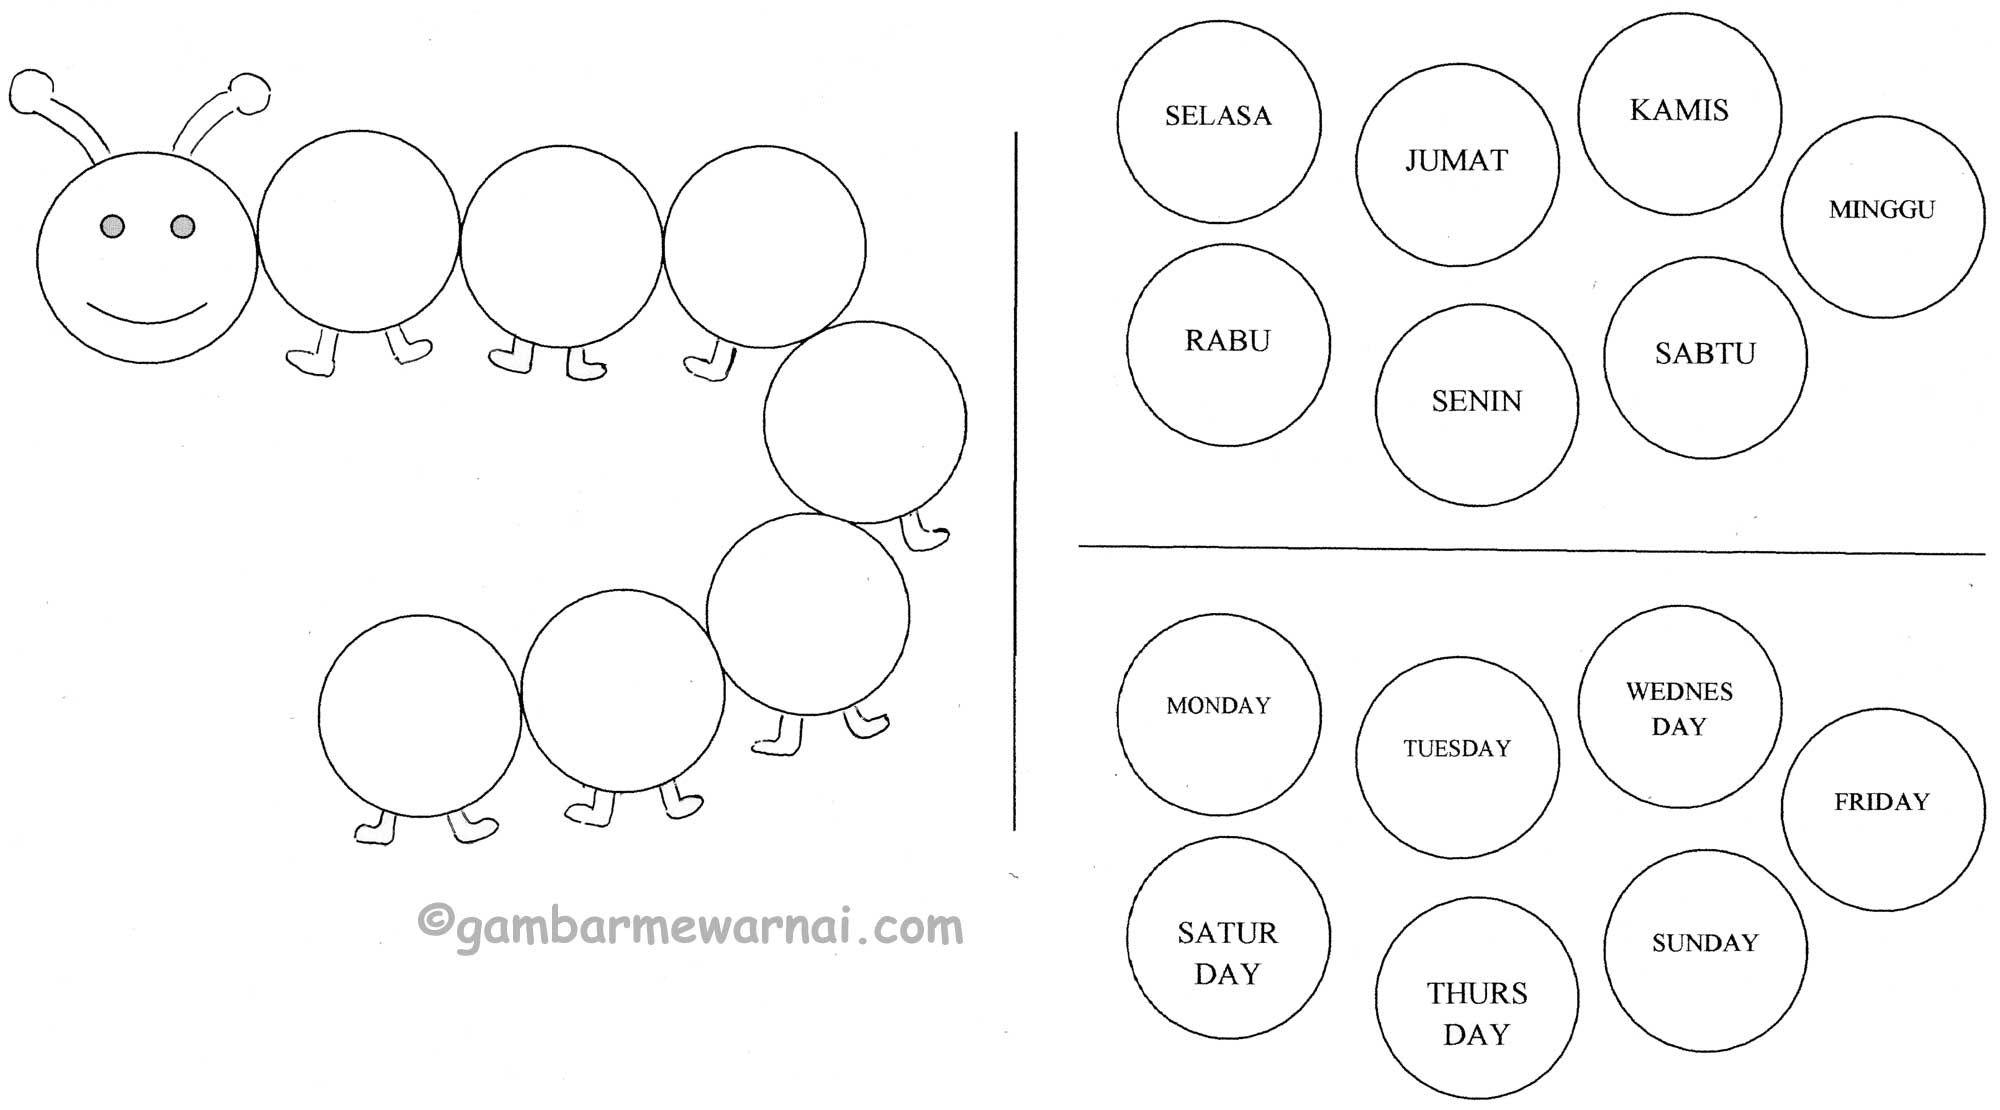 Belajar NamaNama Hari (Dengan gambar) Belajar